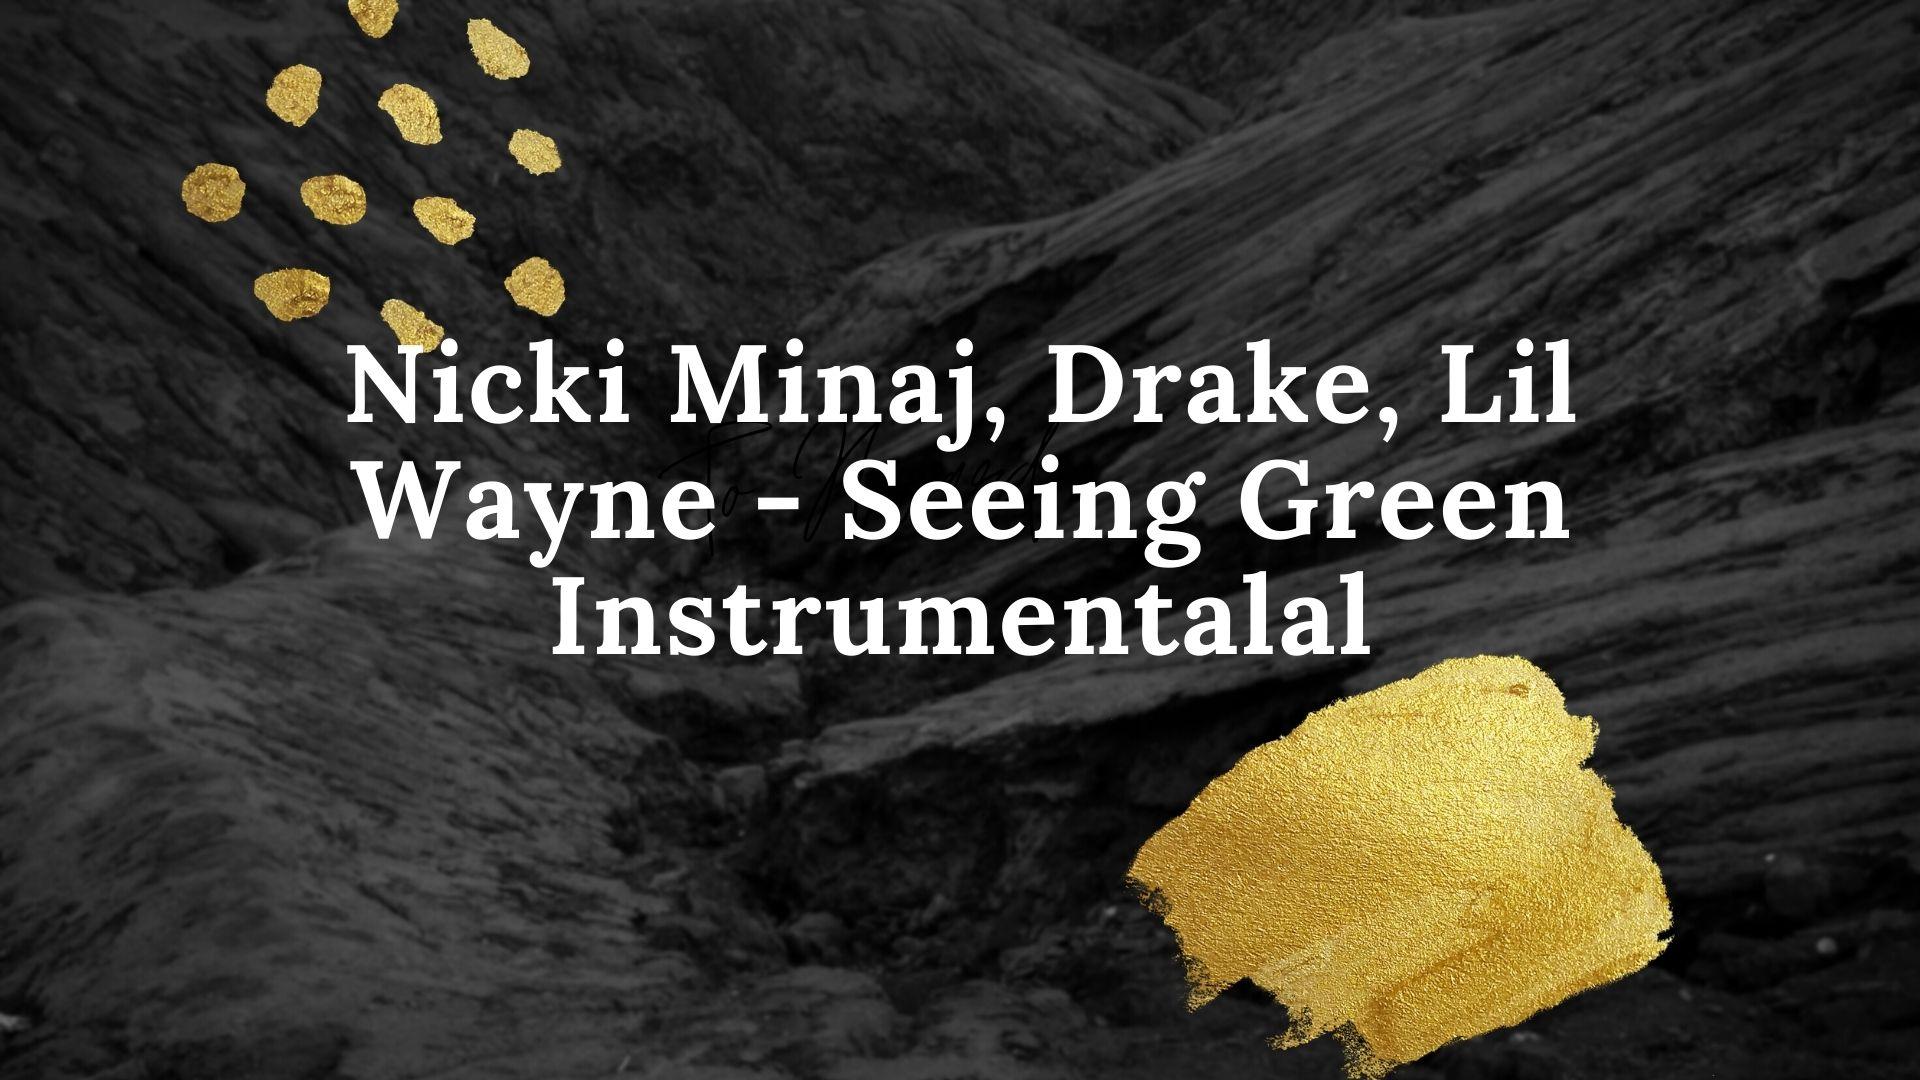 Nicki Minaj, Drake, Lil Wayne - Seeing Green Instrumental